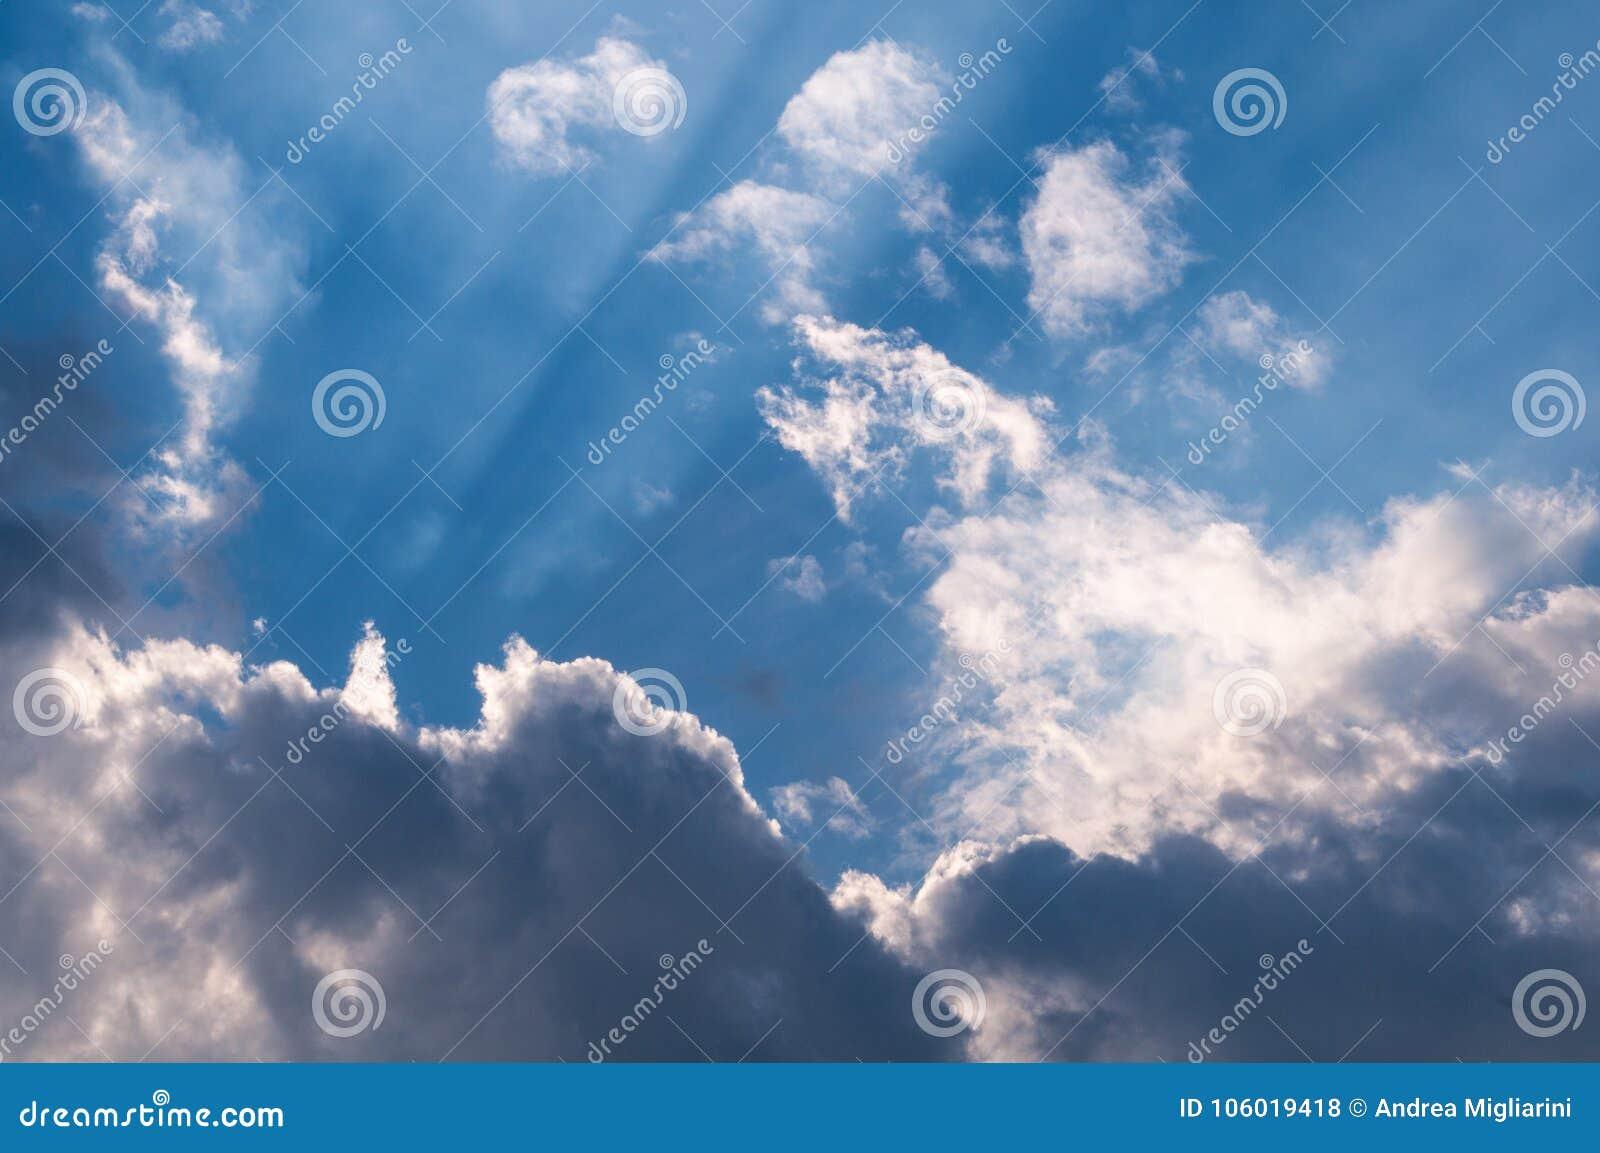 Raggi Di Sole Celesti Attraverso Le Nuvole Carta Da Parati Per Il